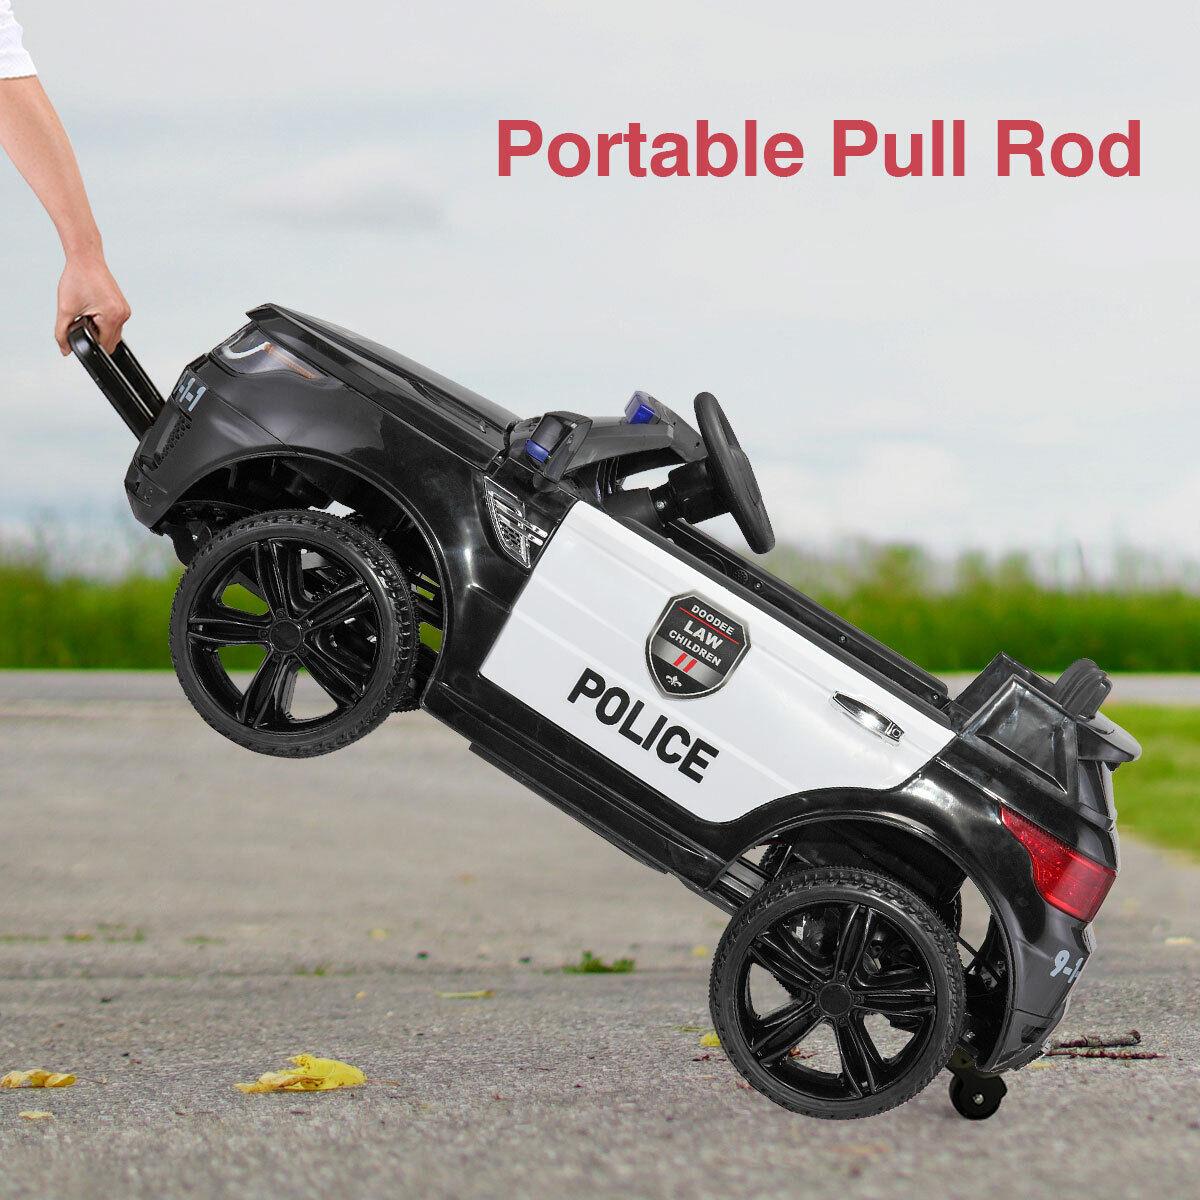 1 st/ück Mini Tragbare Schl/üsselbund LCD Digital Auto Reifen Luftdruckpr/üfer Auto Motorrad Test Tool mit Zelle Lithium-Batterie